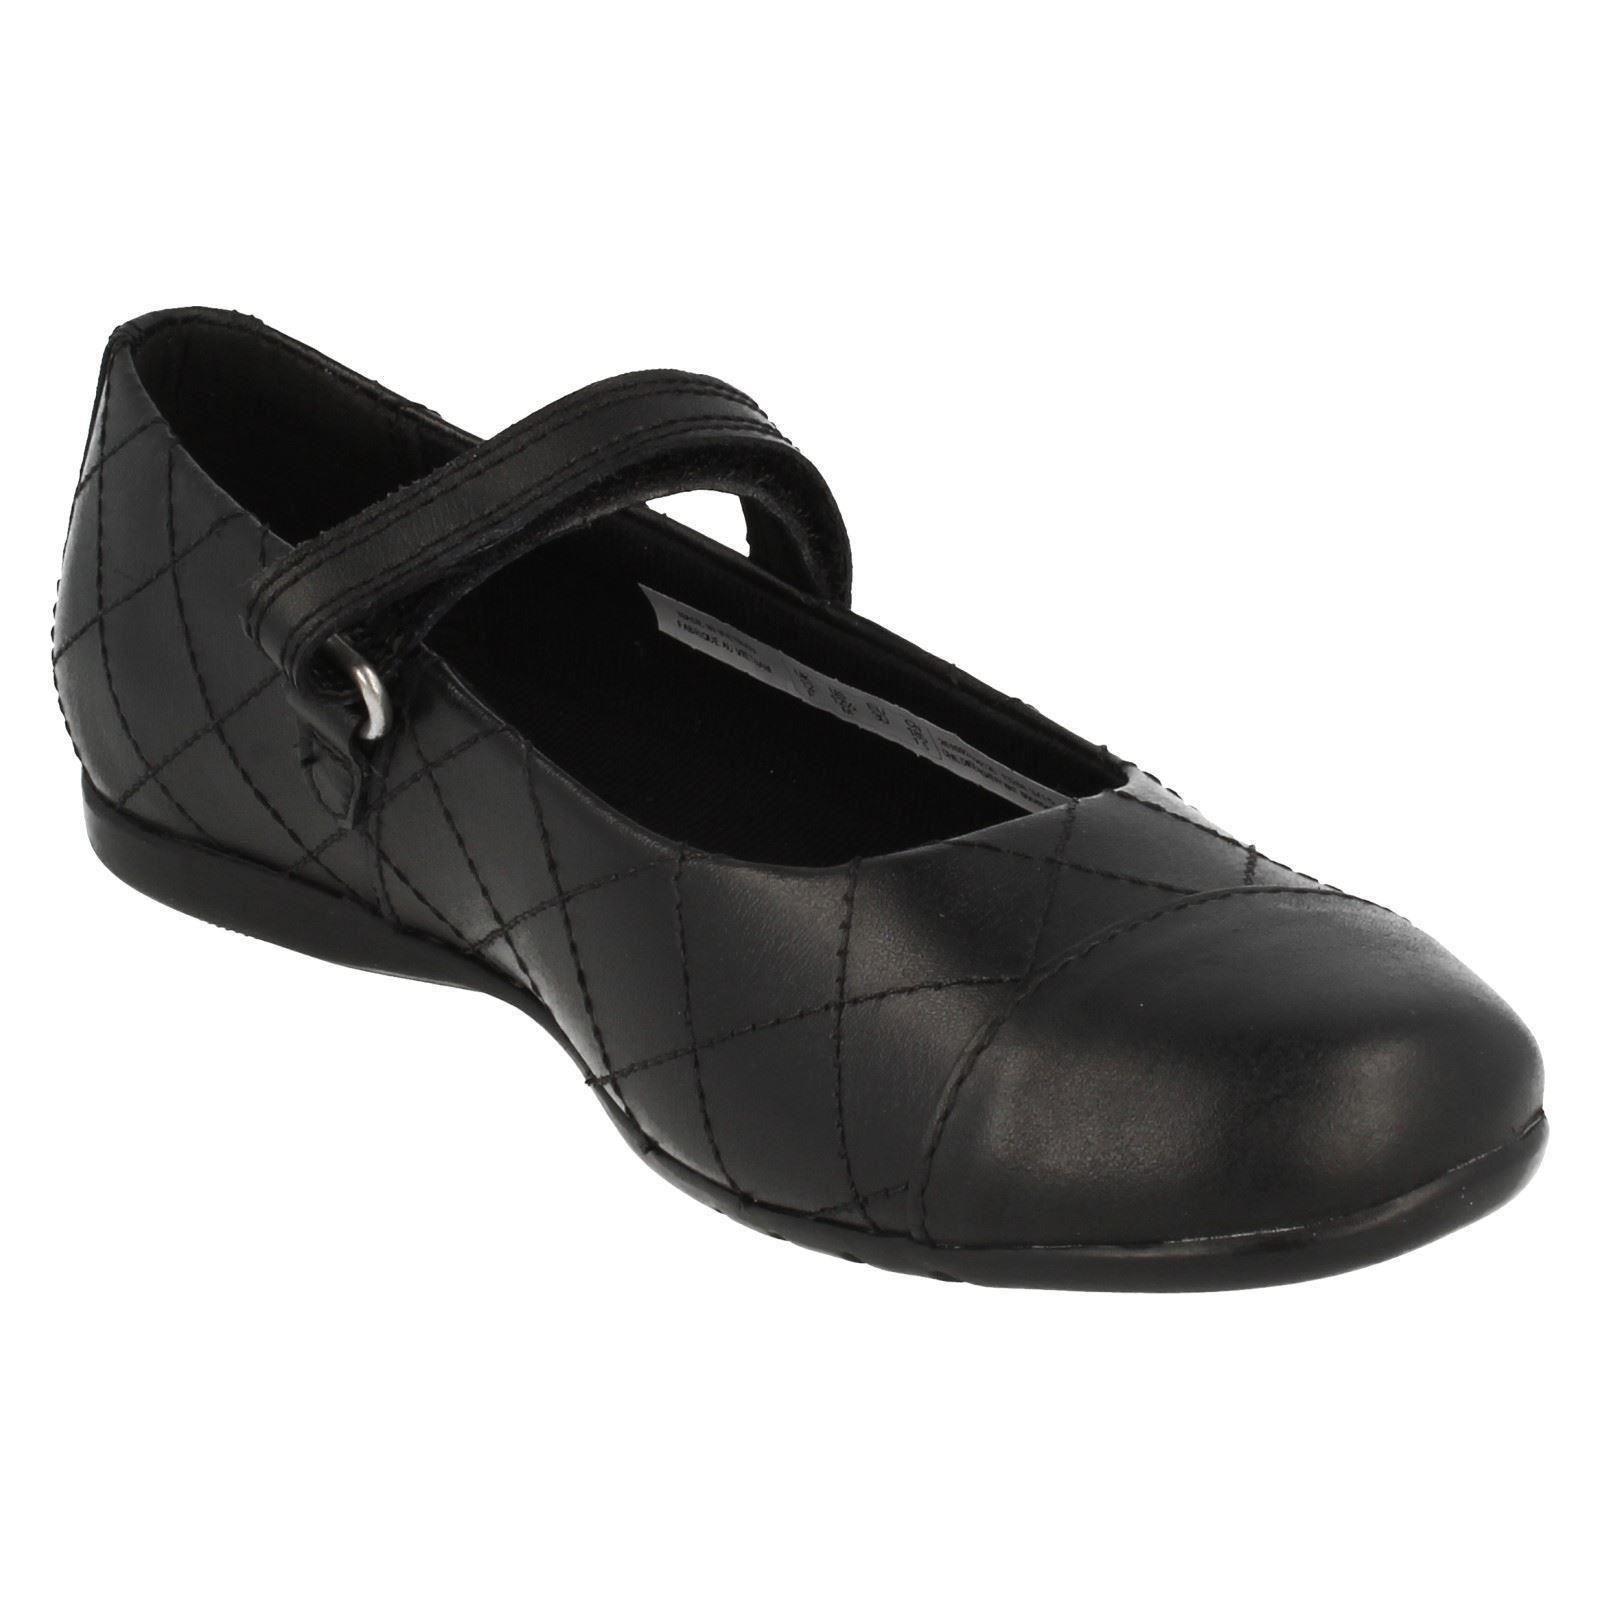 Girls Clarks School Shoes Dance Roxy